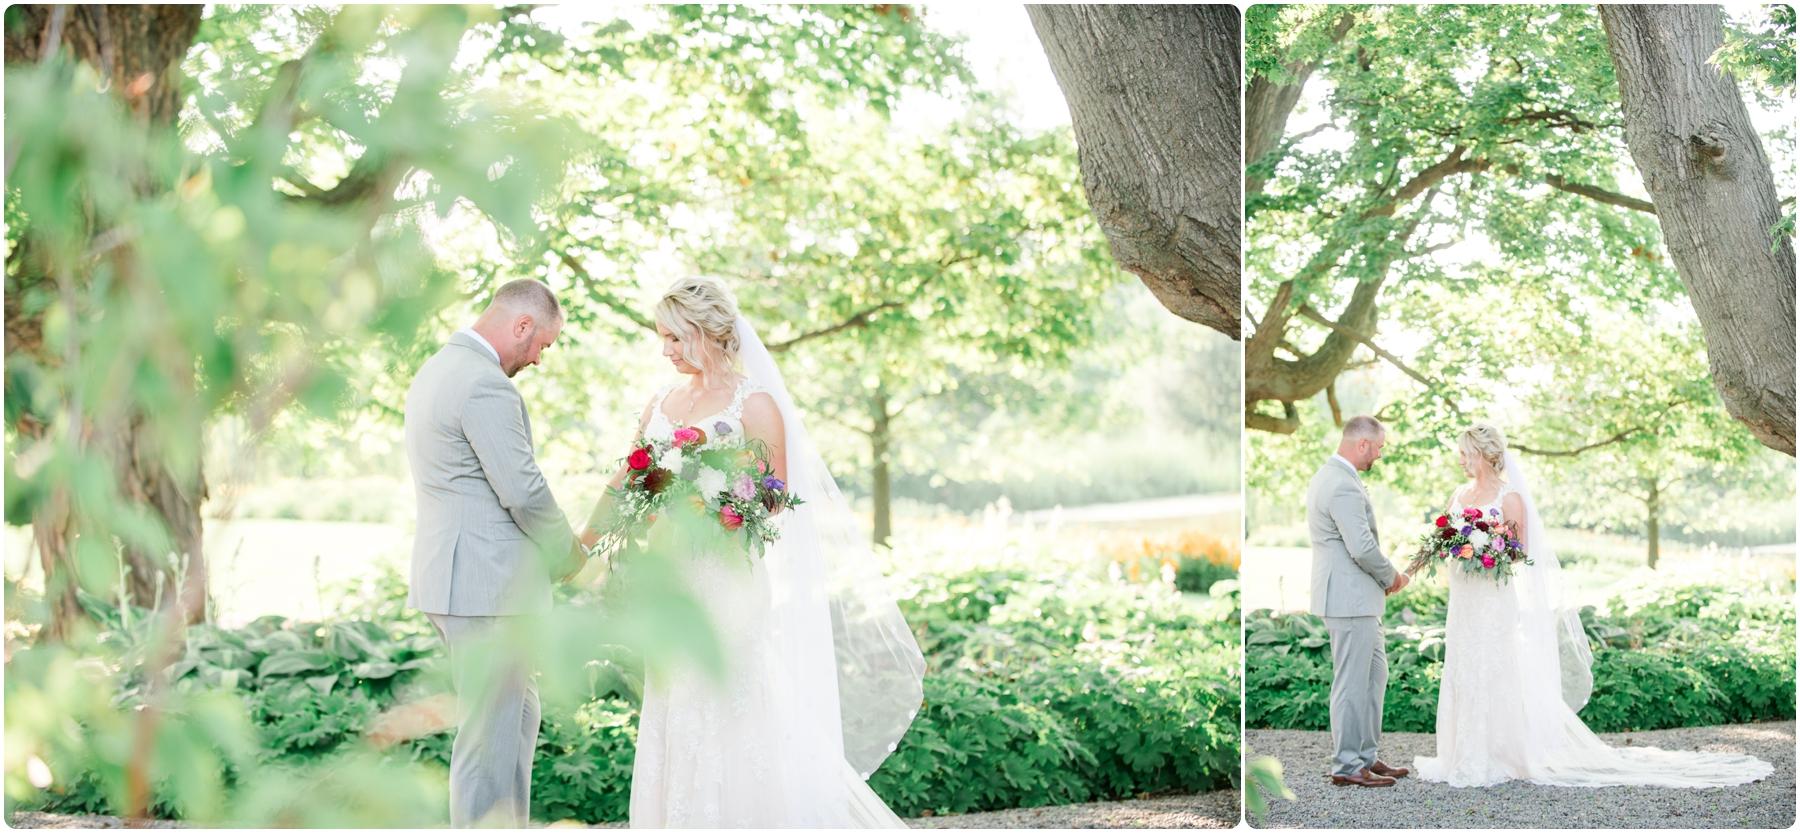 Katie+Jeff Bloom Field Garden_0085